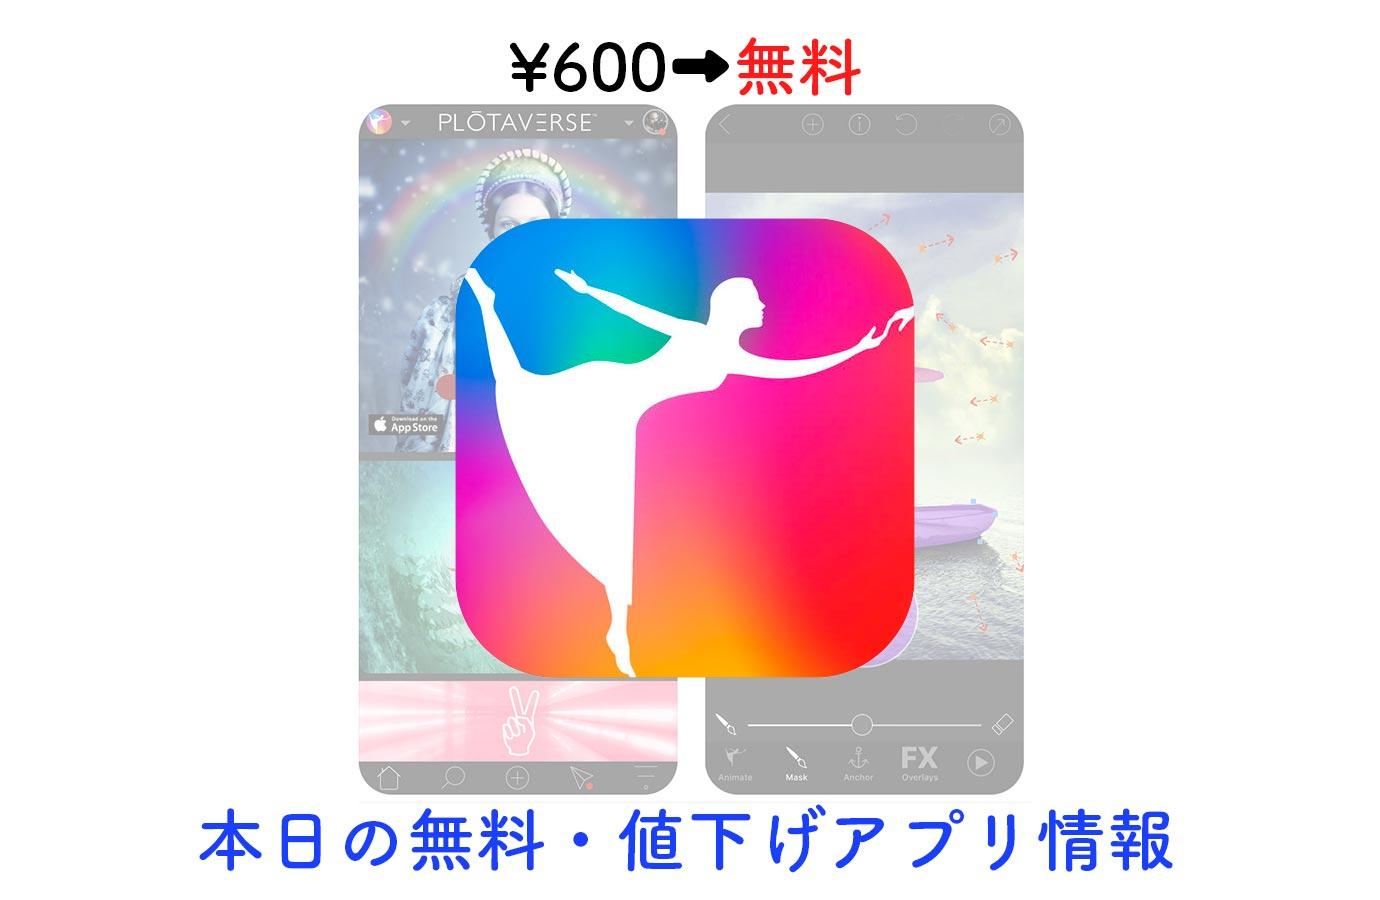 ¥600→無料、写真の一部が動くシネマグラフが作れる「Plotaverse Photo Animator」など【2/15】本日の無料・値下げアプリ情報